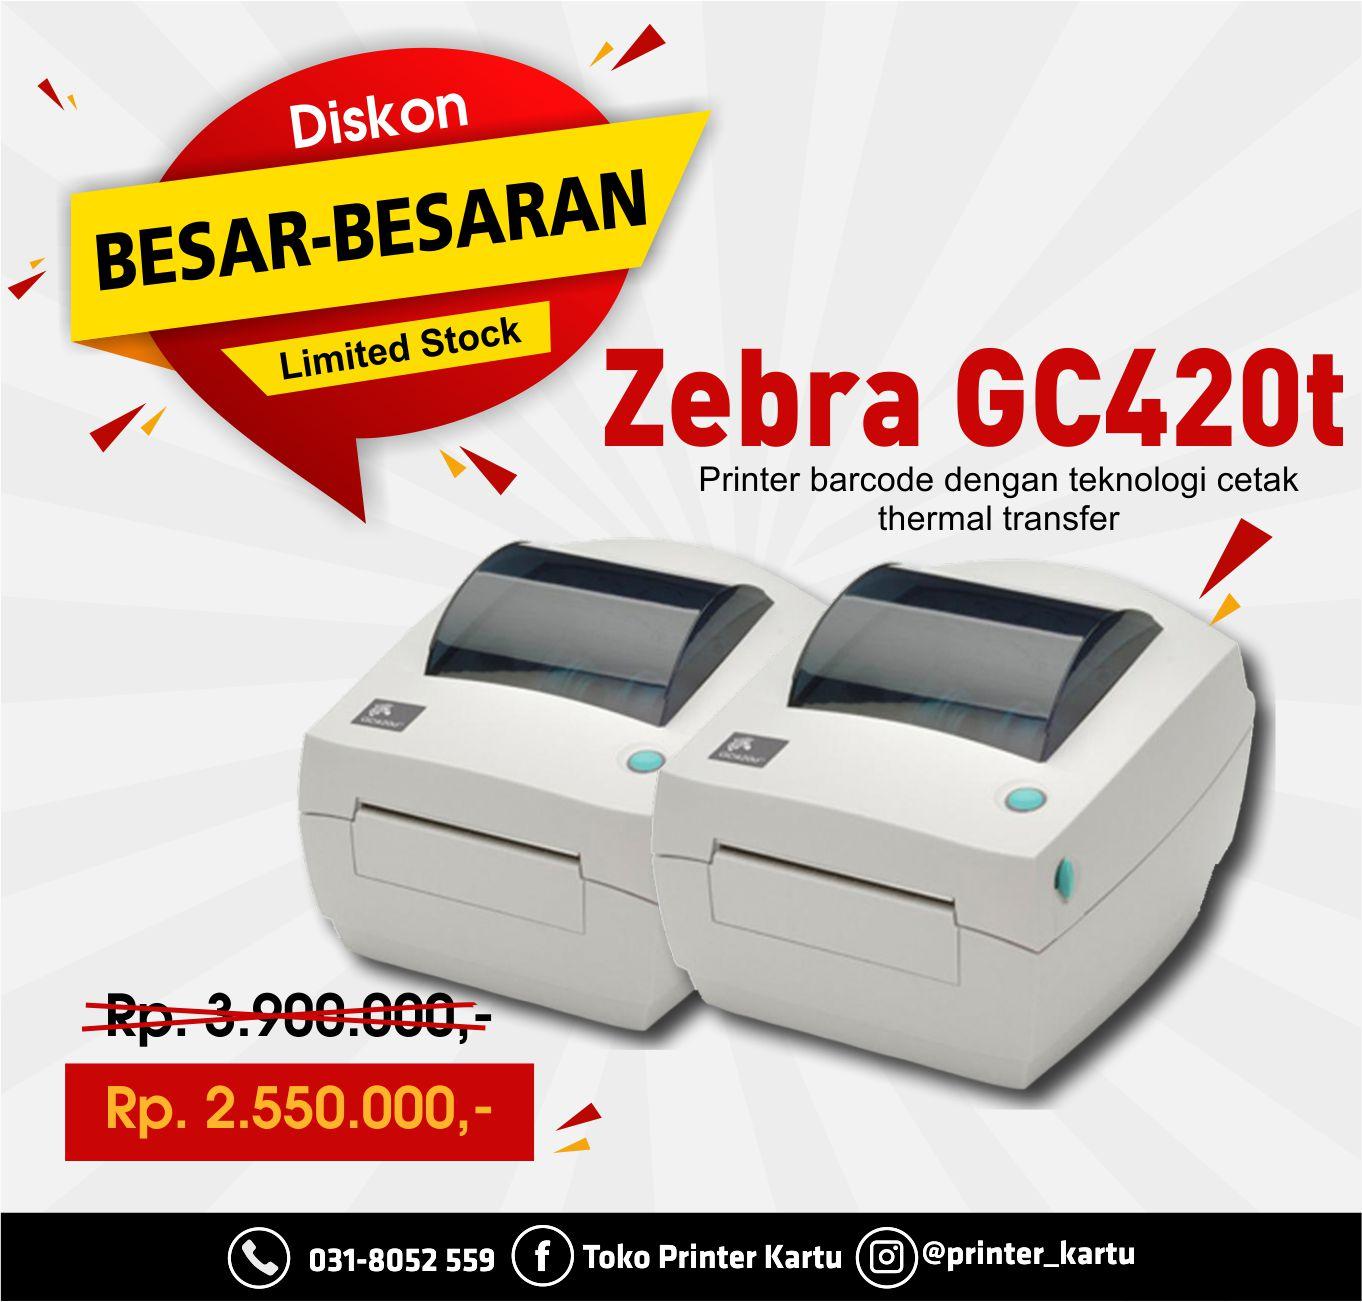 Zebra GC420T